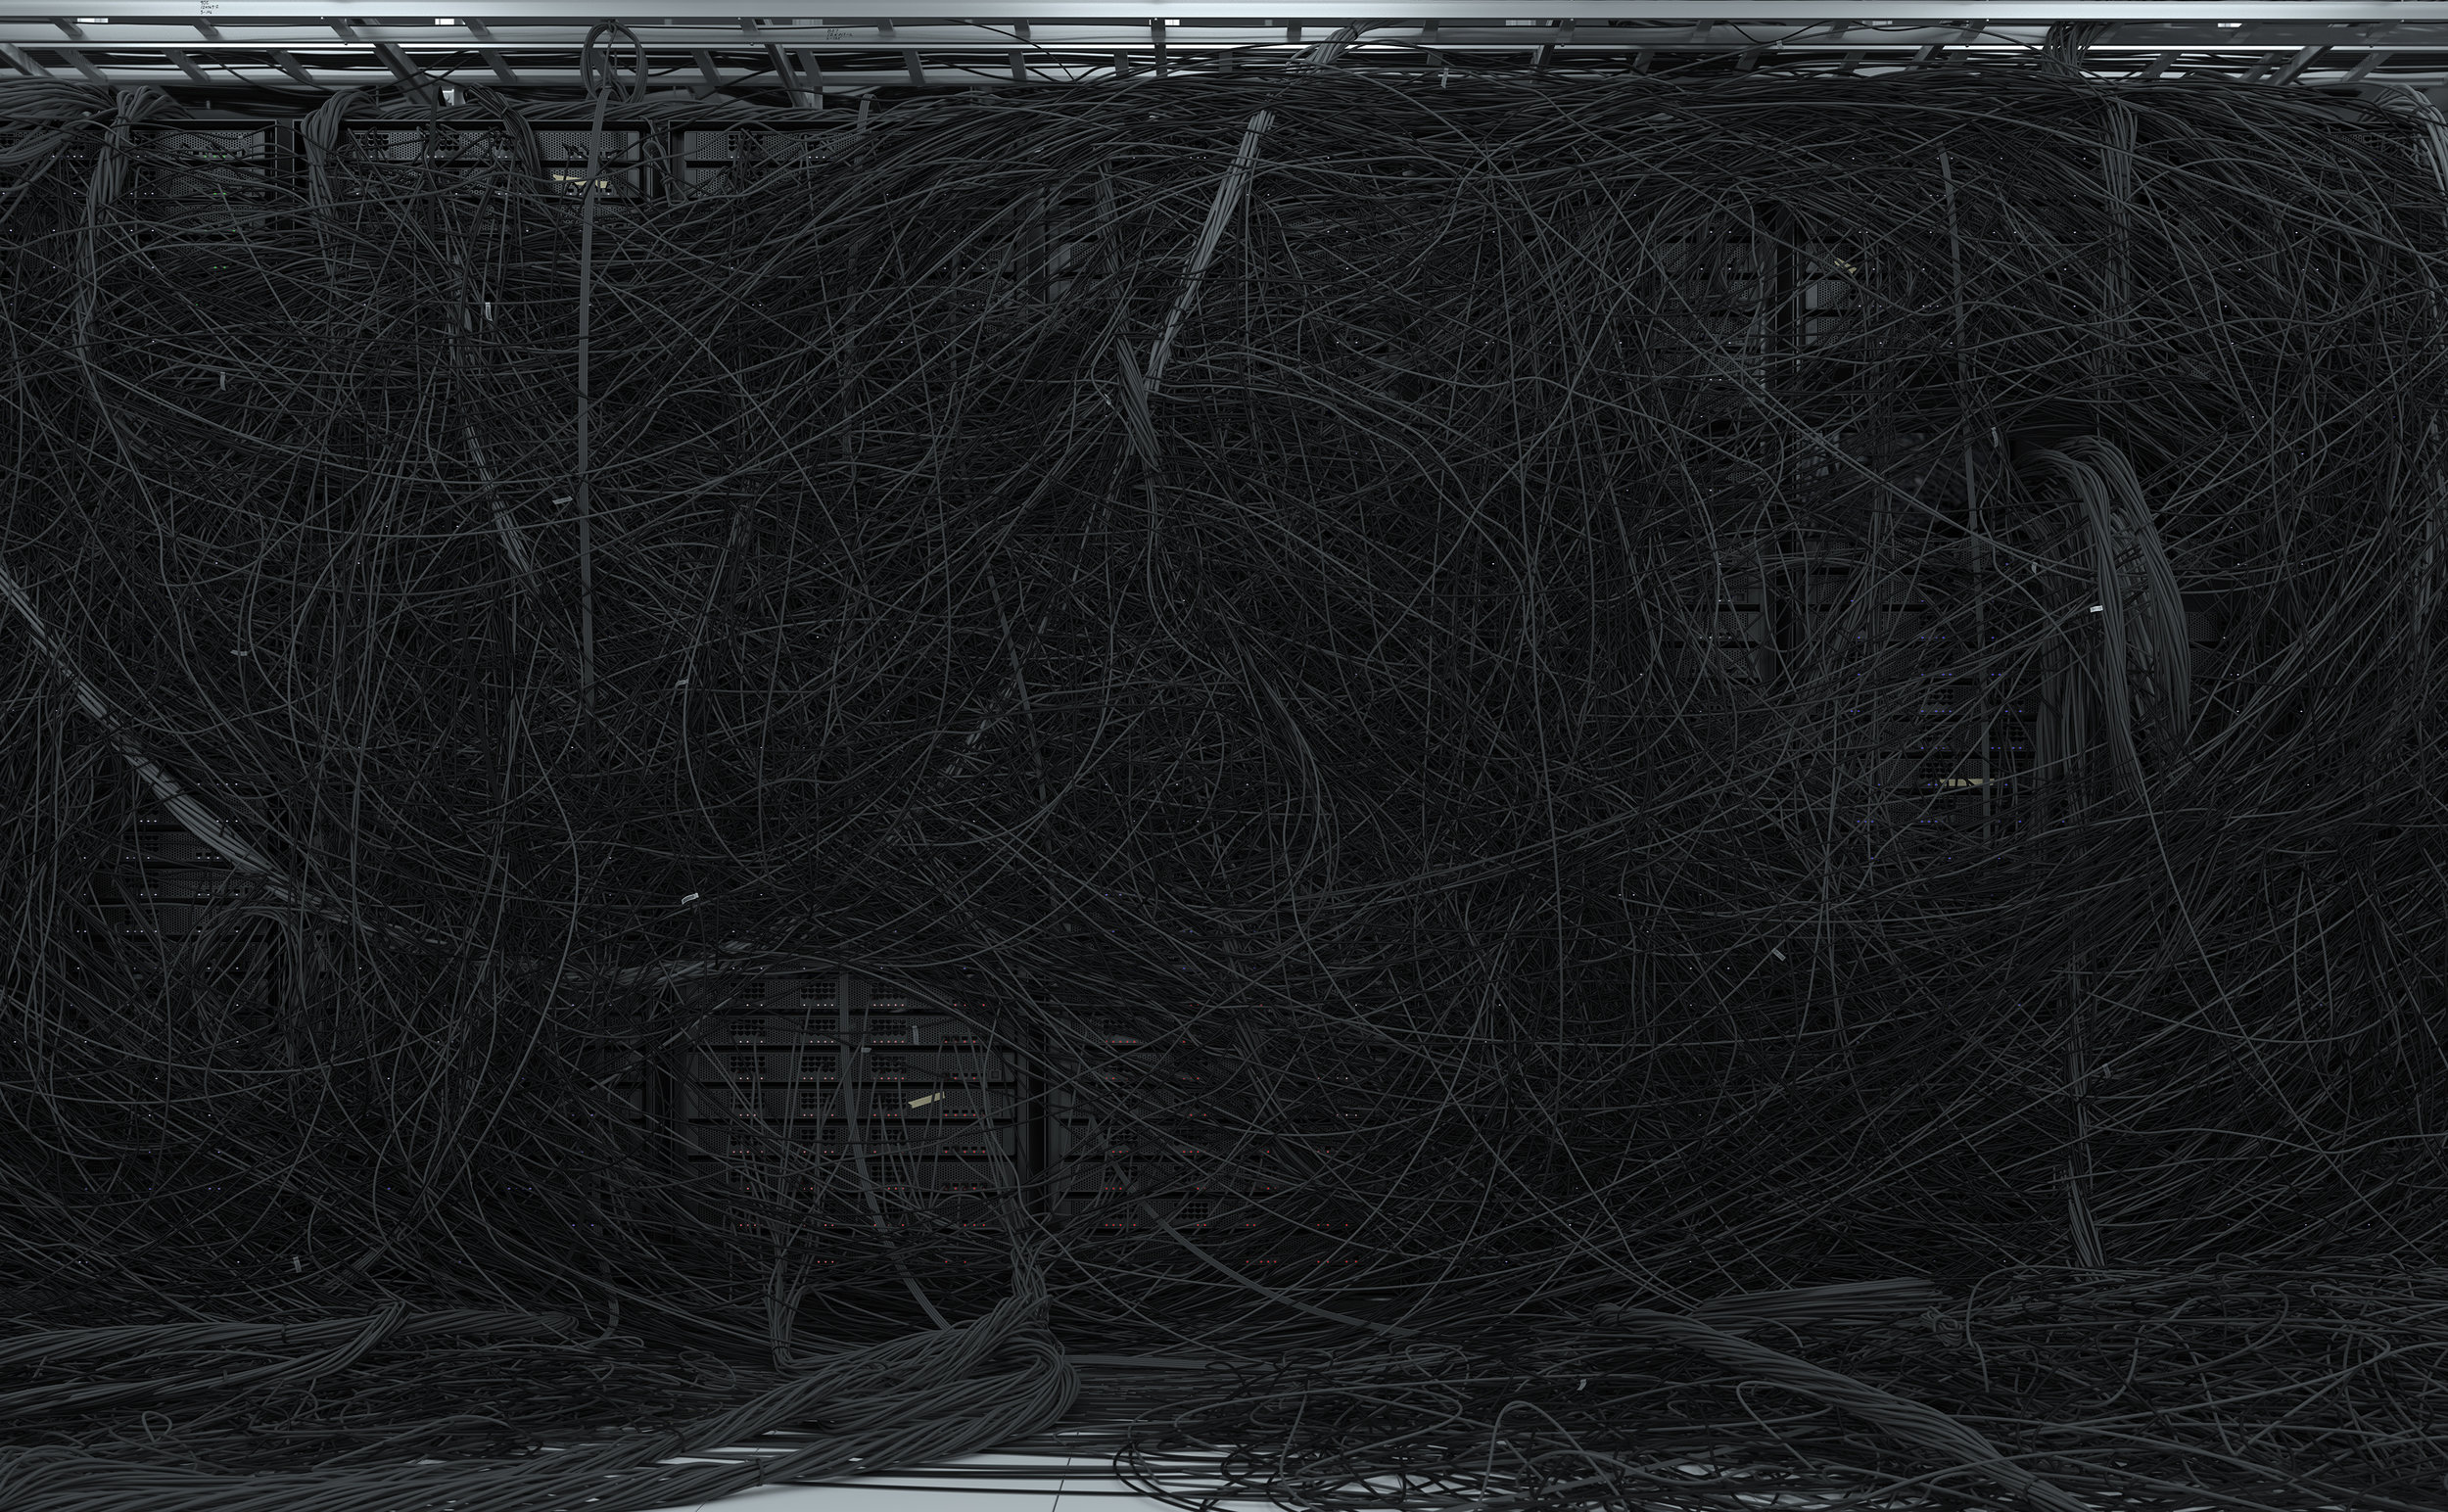 """Dendrite II , 2017, Édition de 2, Impression au jet d'encre, acrylique, acier, 59 3/4 x 96""""."""